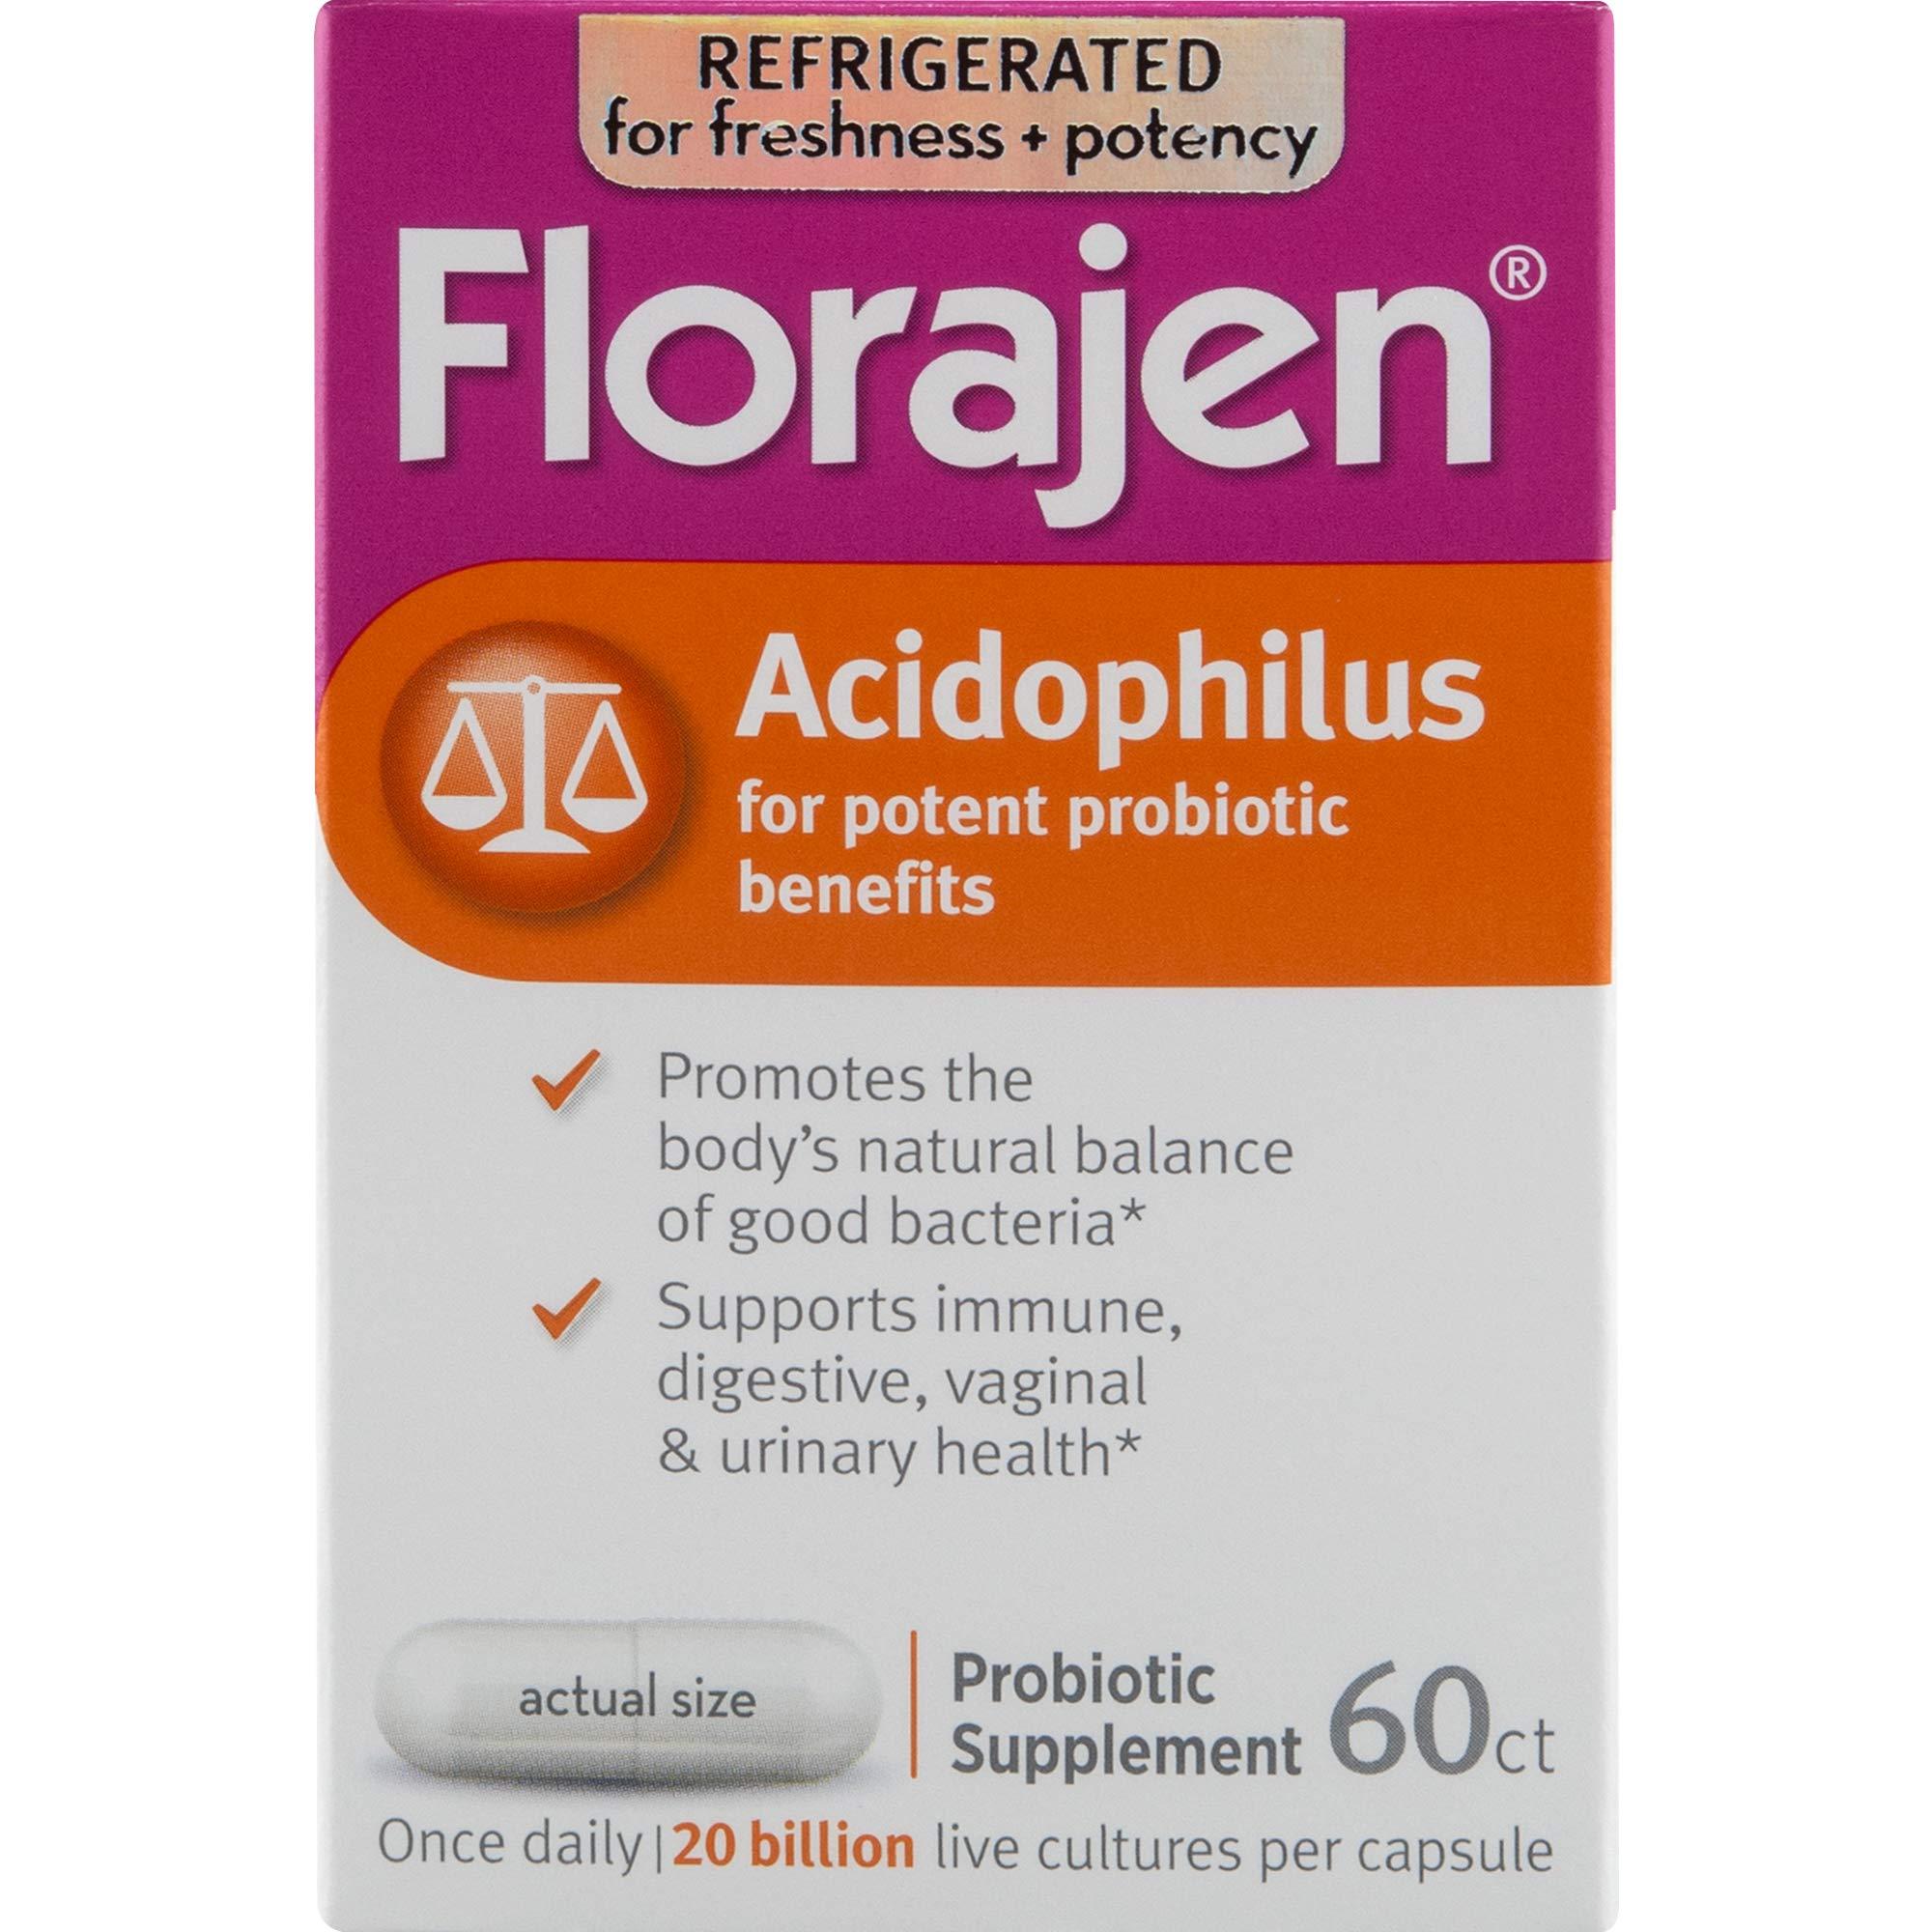 Florajen3 Reviews recommend